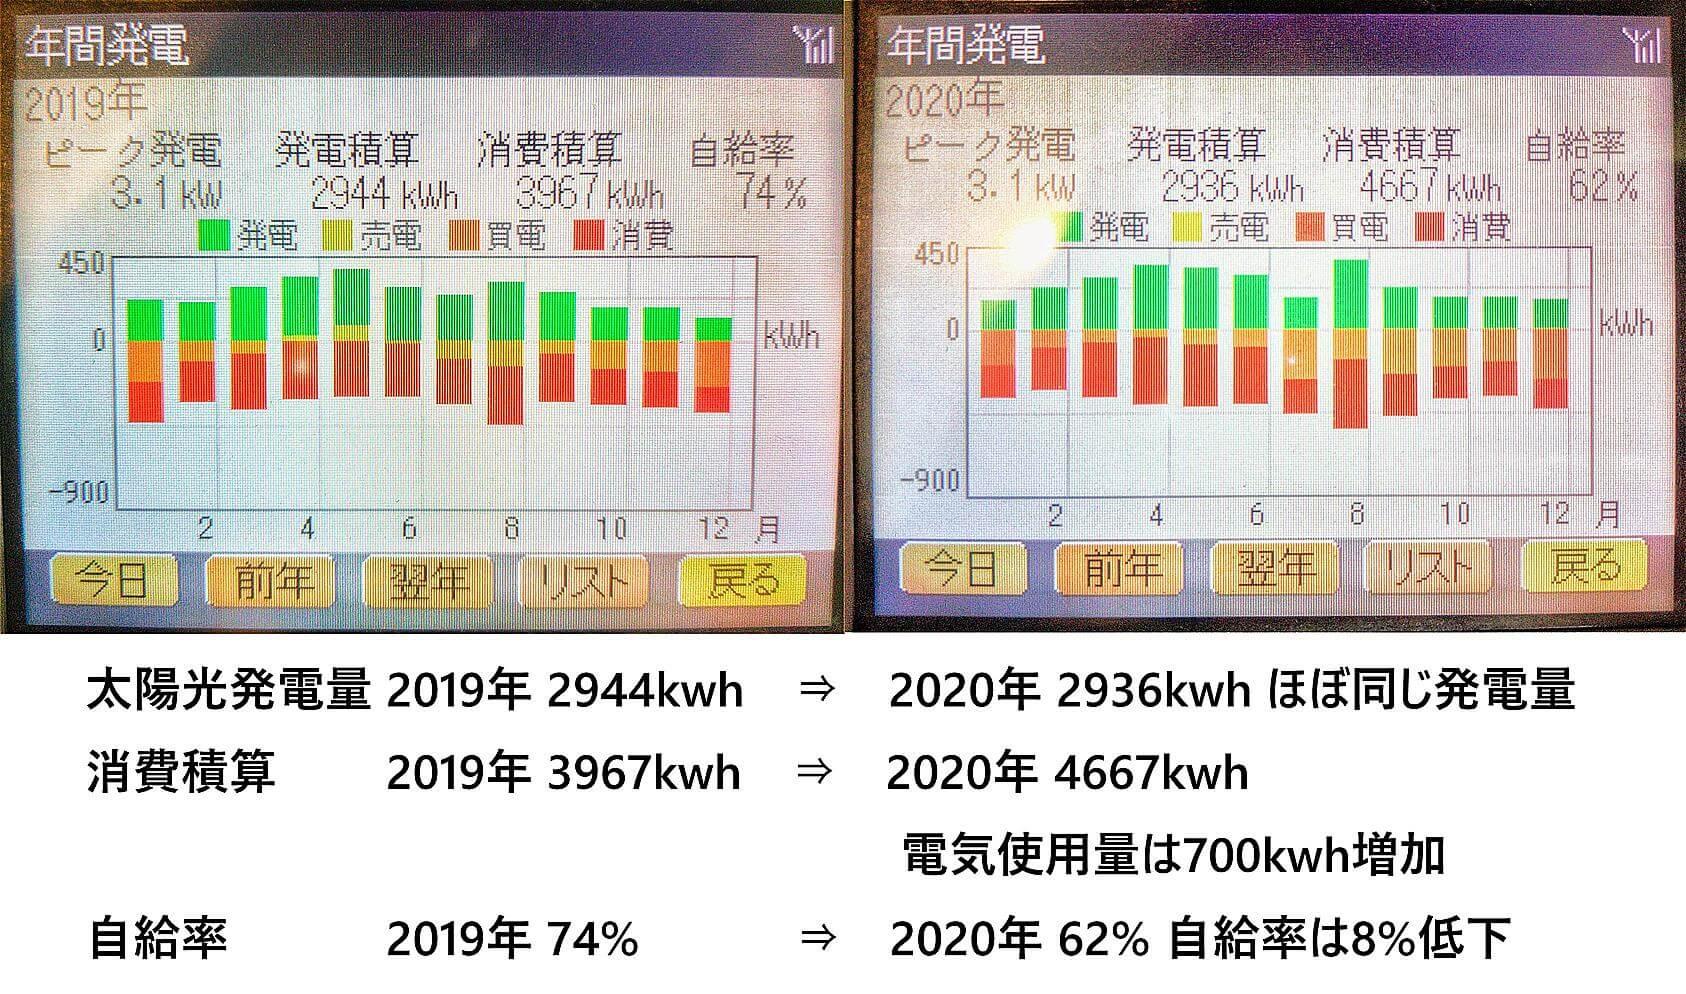 発電実績2020年vs 2019年(比較)